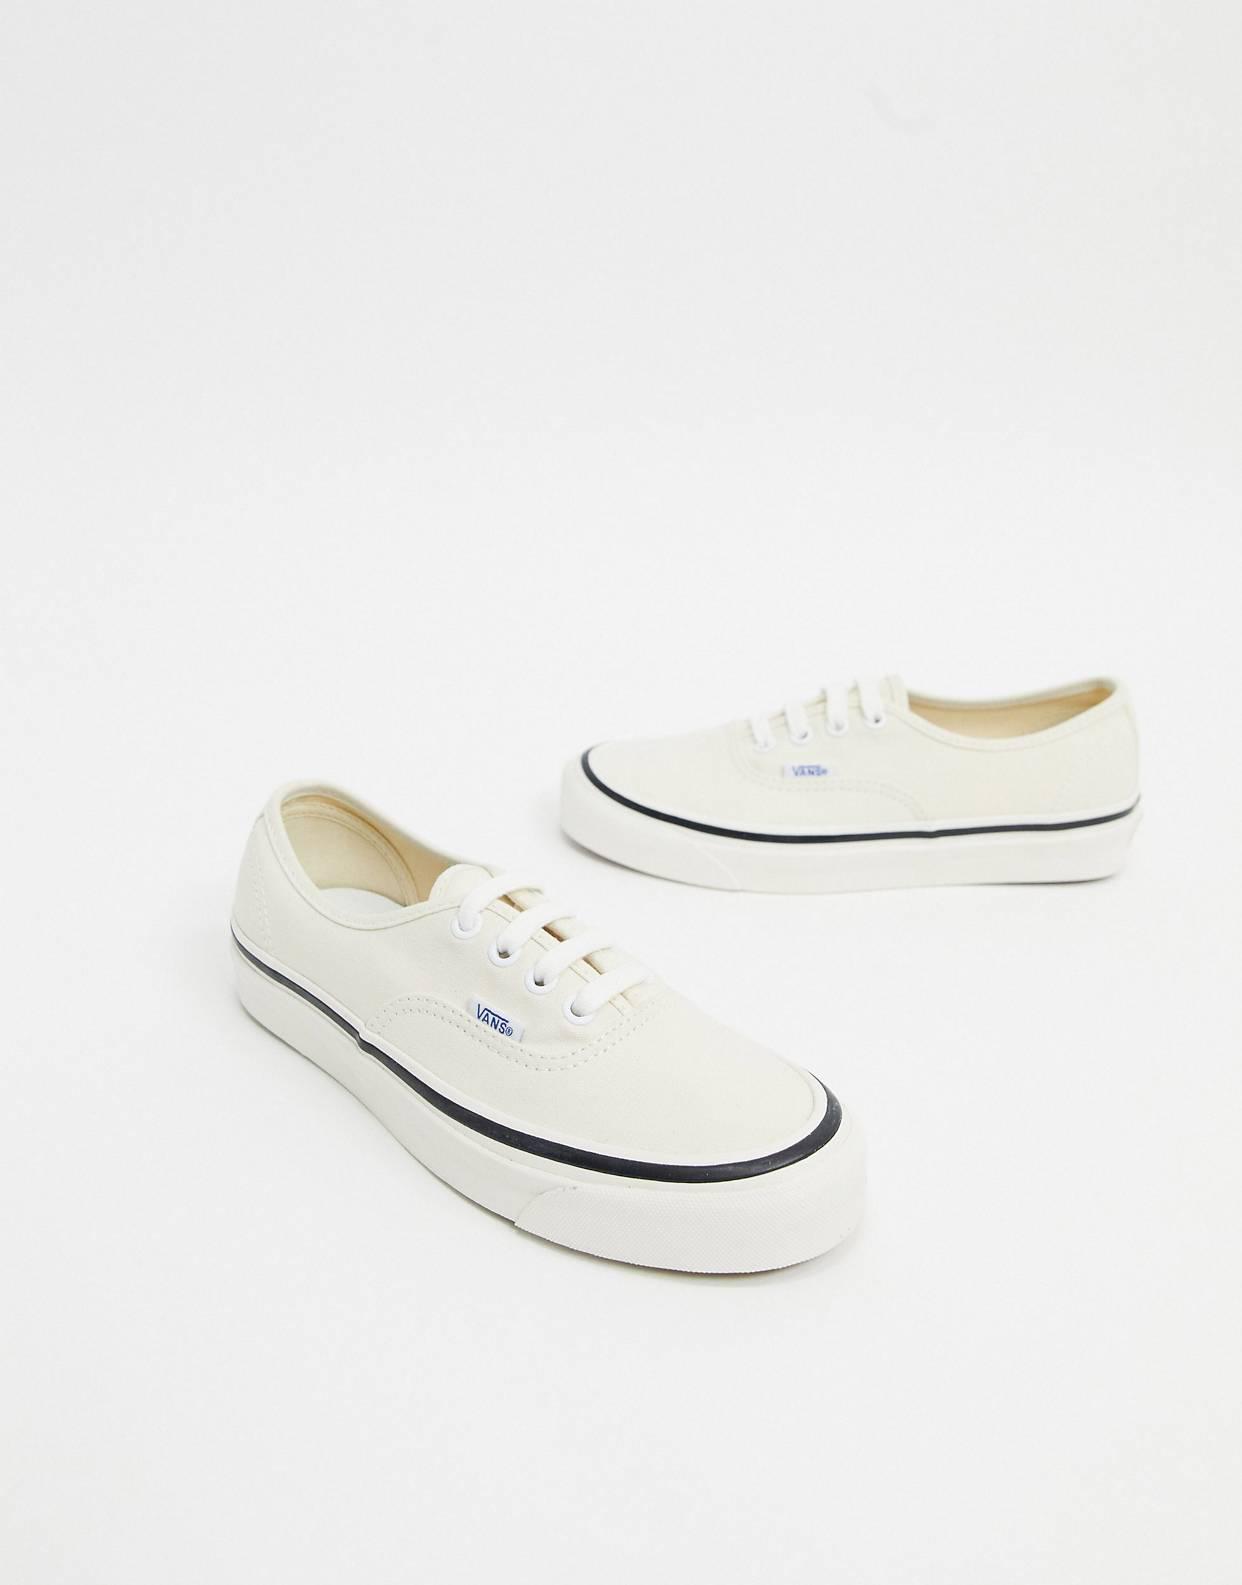 Zapatillas en blanc Anaheim Authentic 44 DX de Vans